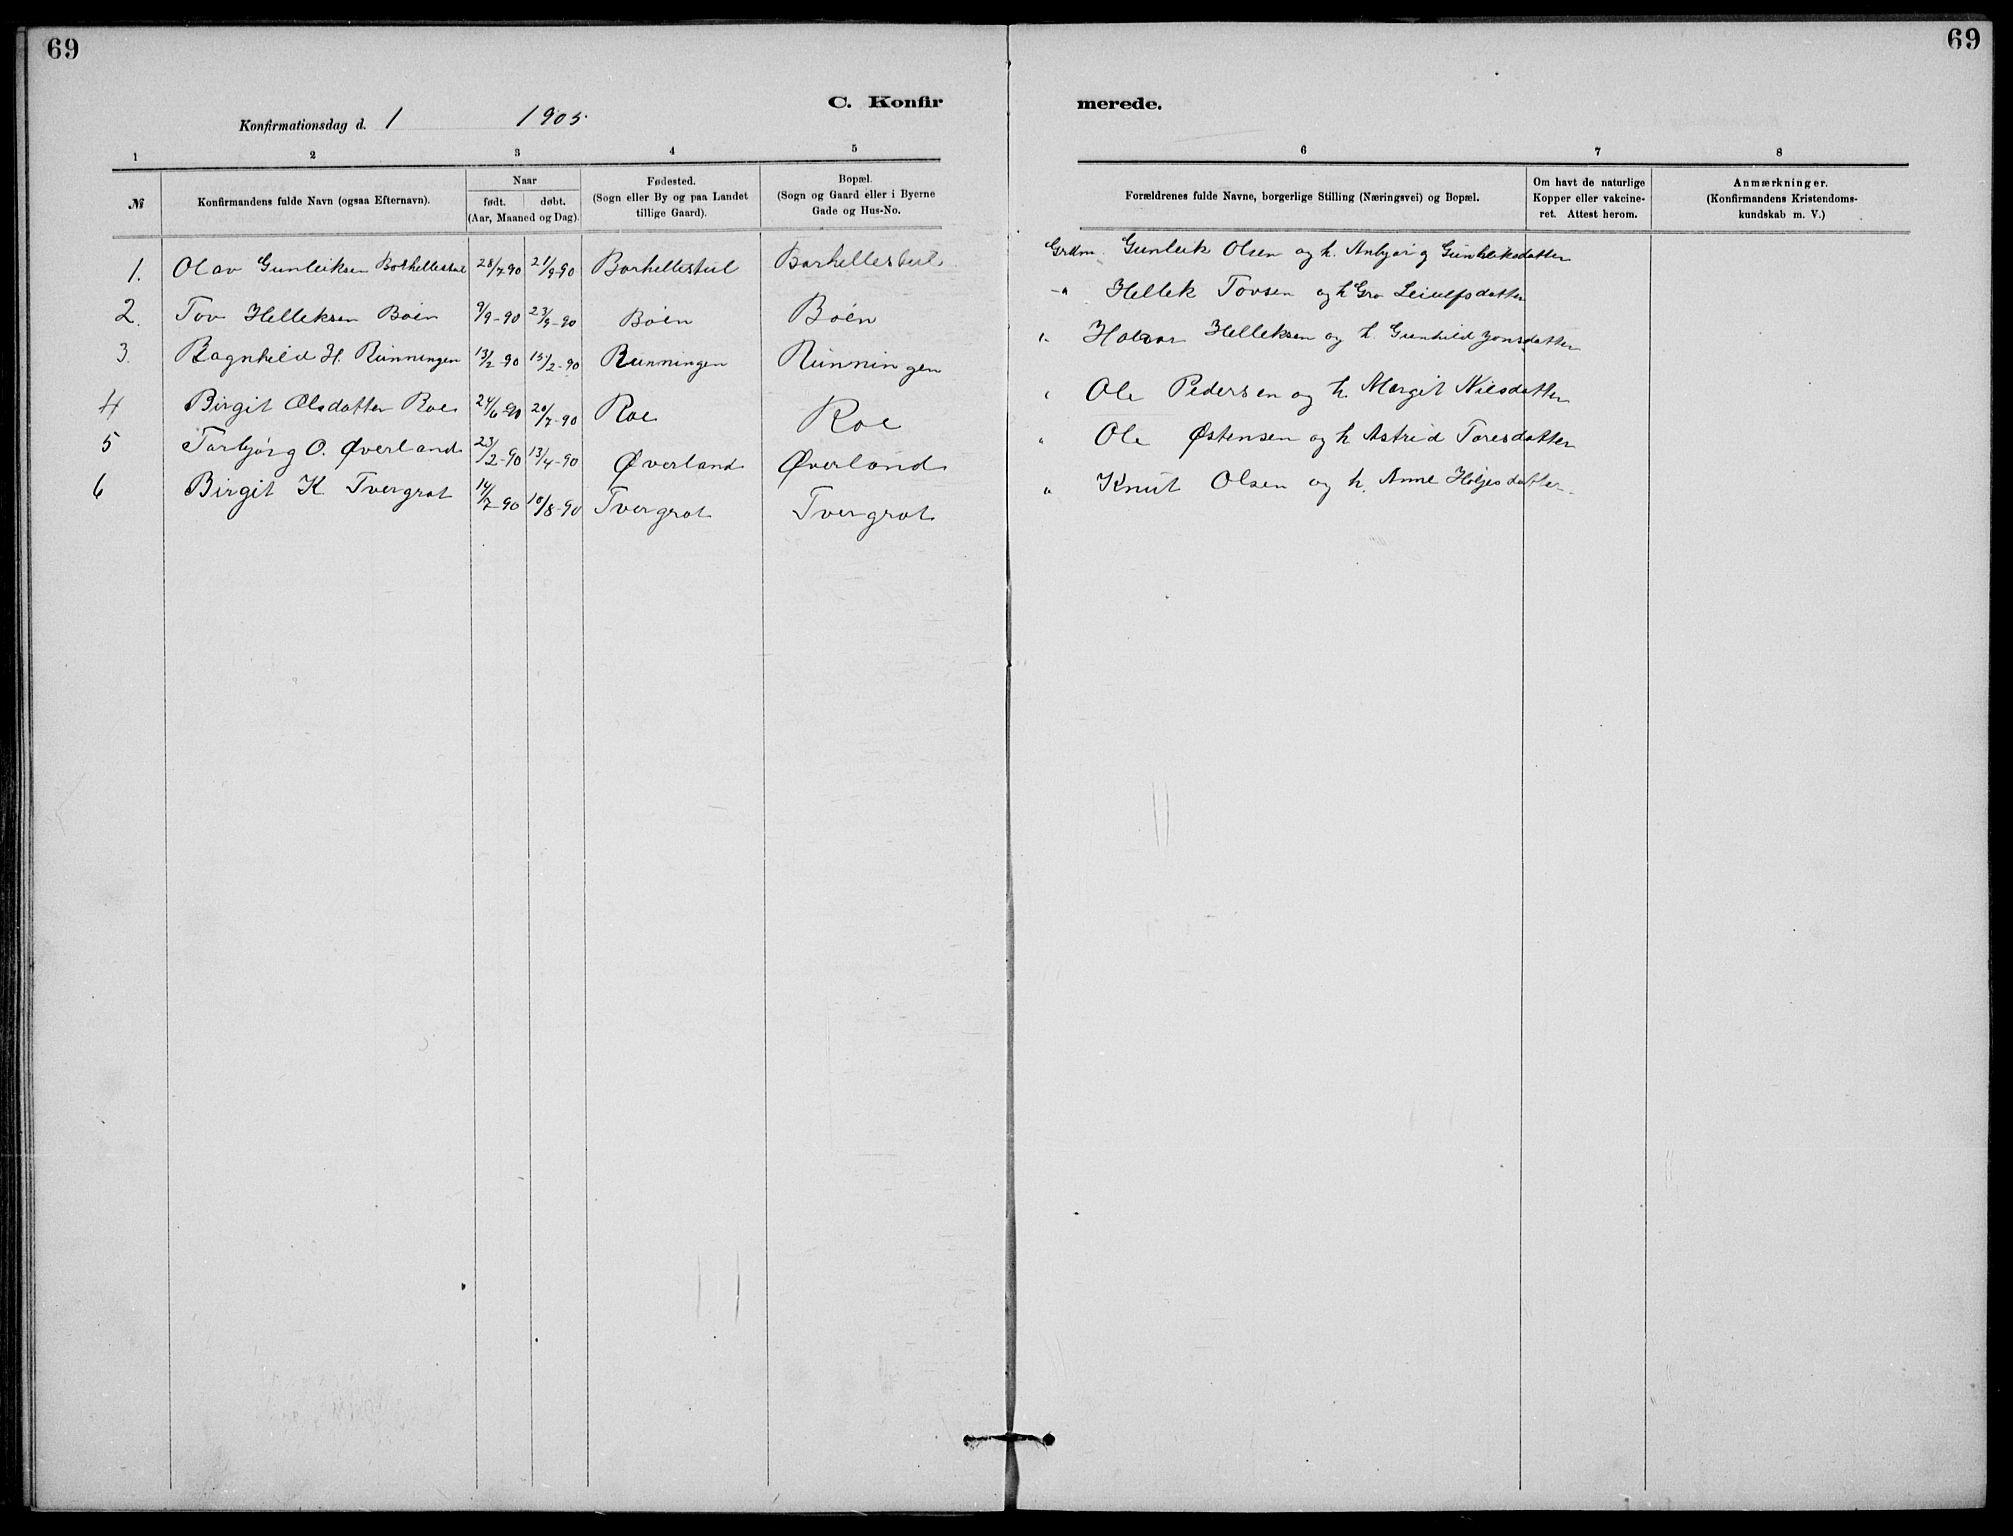 SAKO, Rjukan kirkebøker, G/Ga/L0001: Klokkerbok nr. 1, 1880-1914, s. 69